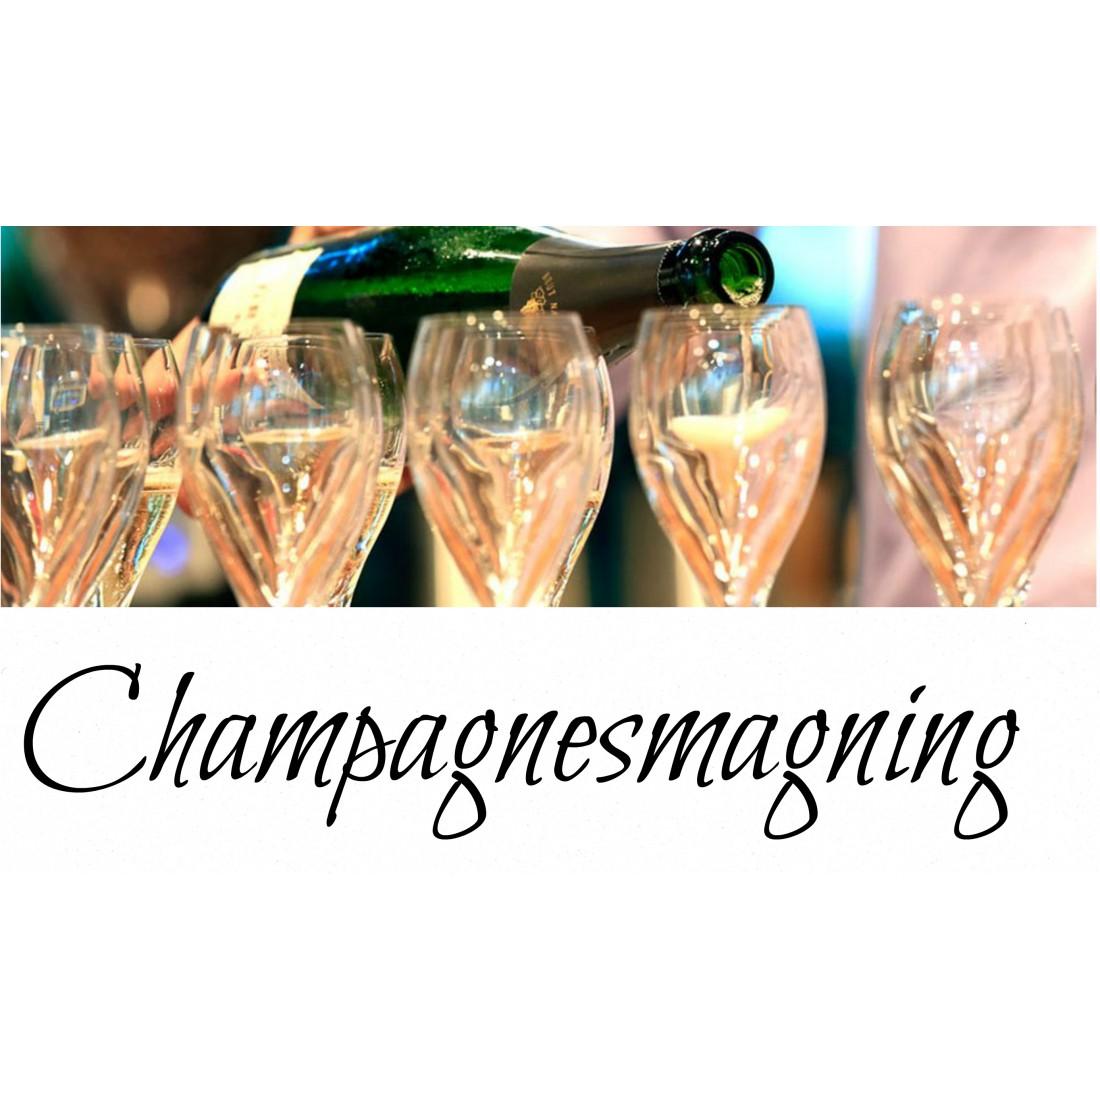 Champagnesmagning lørdag den 13 juli kl. 19.00 I ChampagneKælderen-31